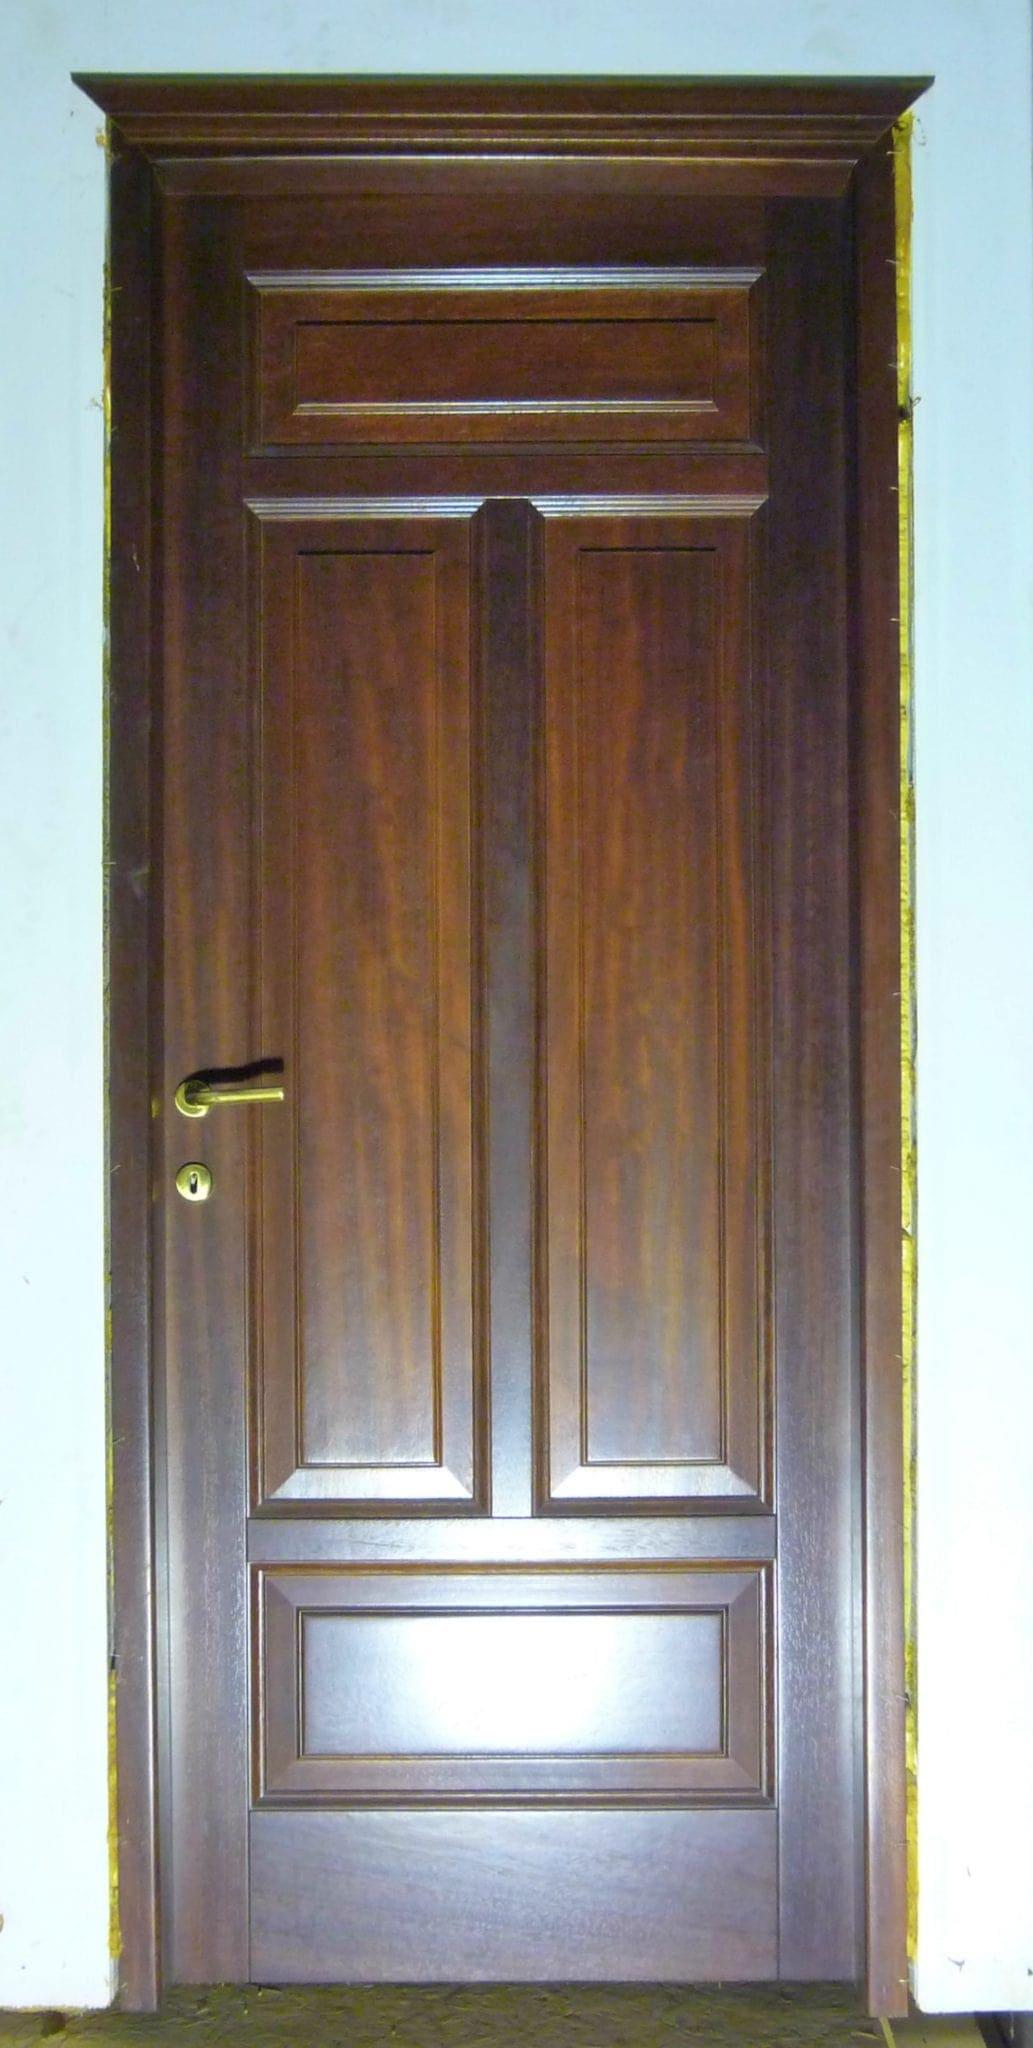 ταμπλαδωτή εσωτερική πόρτα